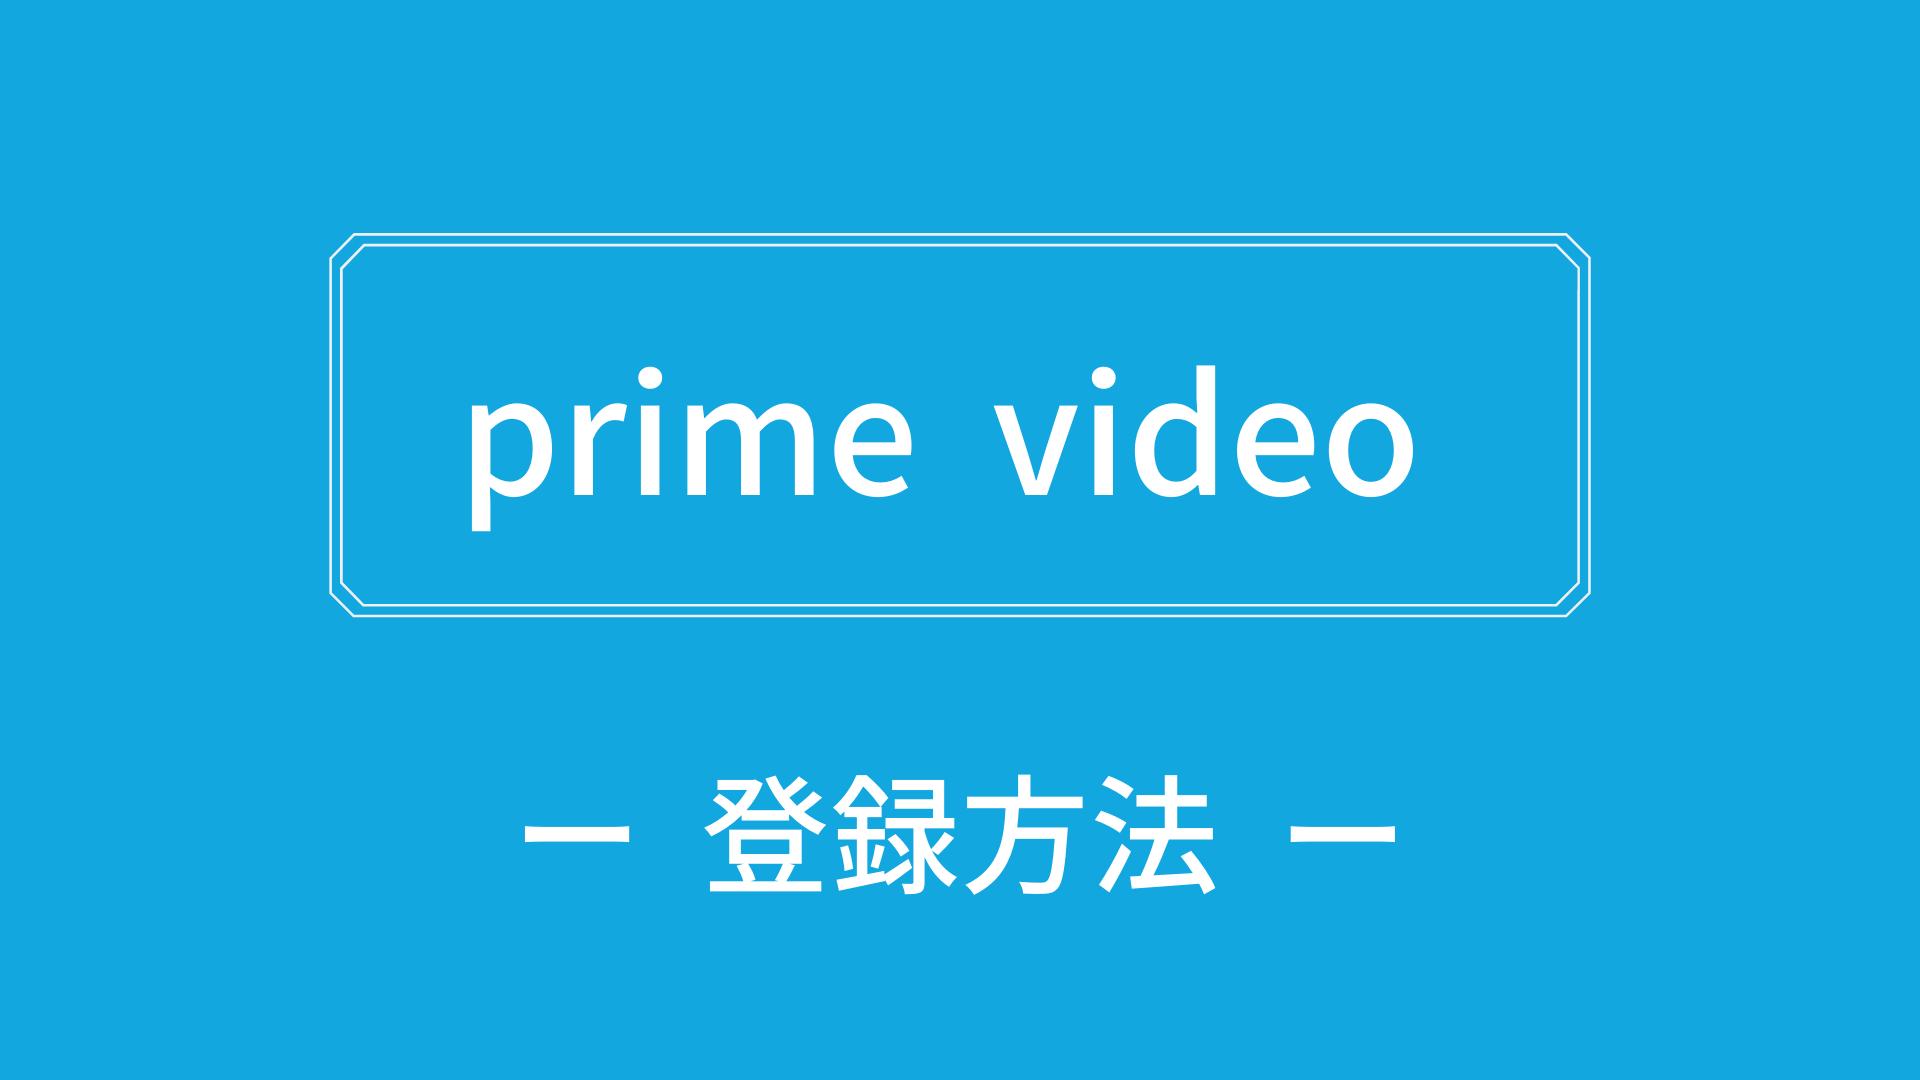 Amazonプライムビデオの登録方法